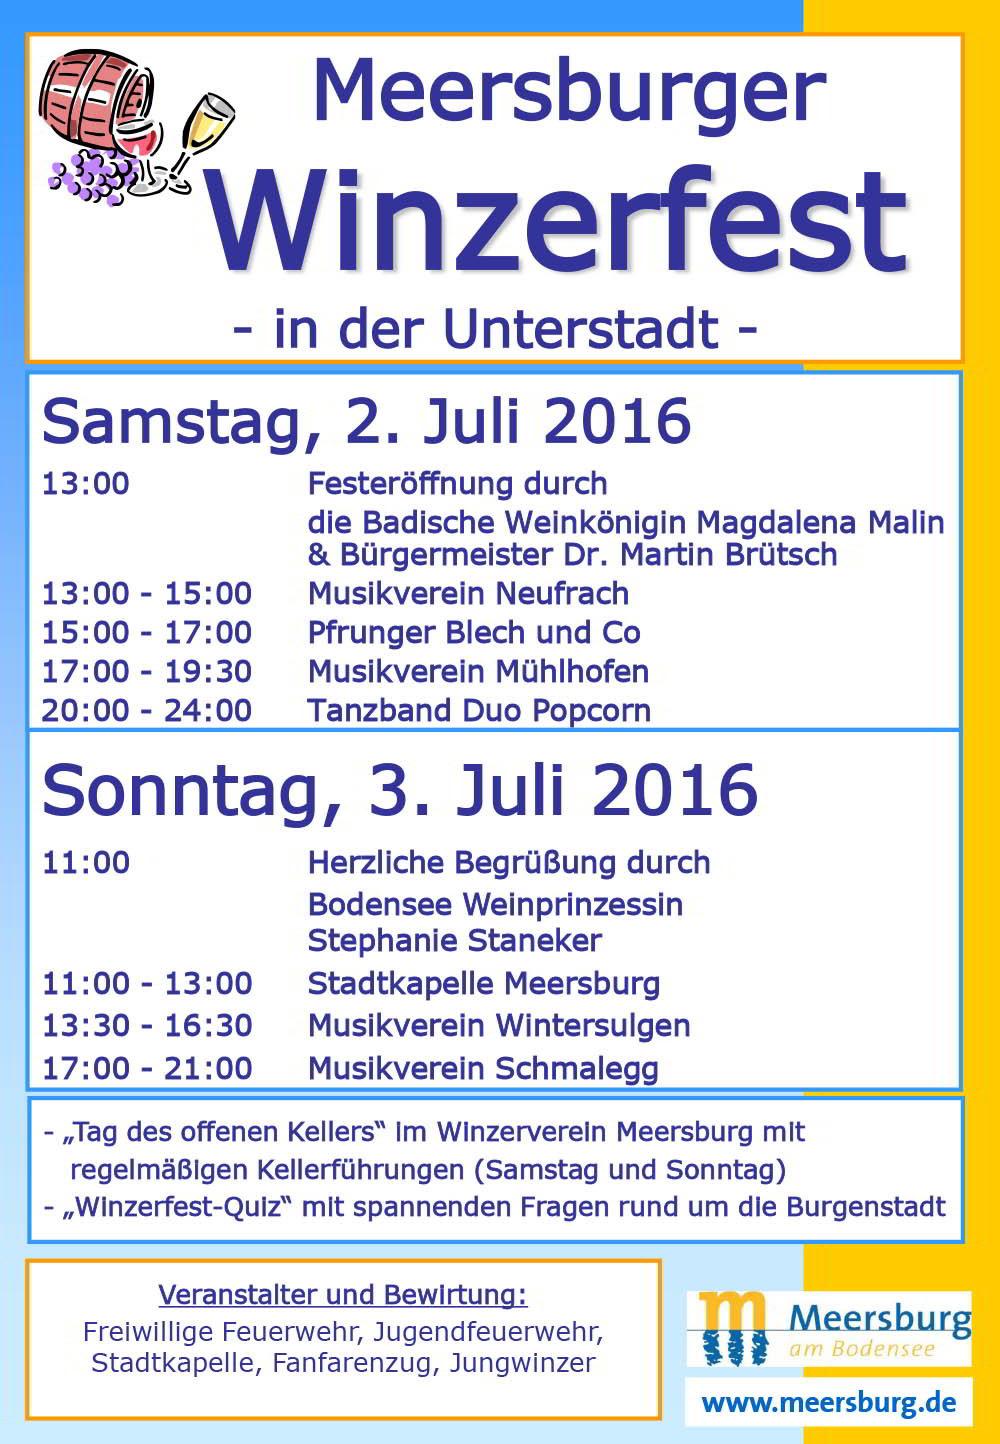 plakat-winzerfest-2016-neu